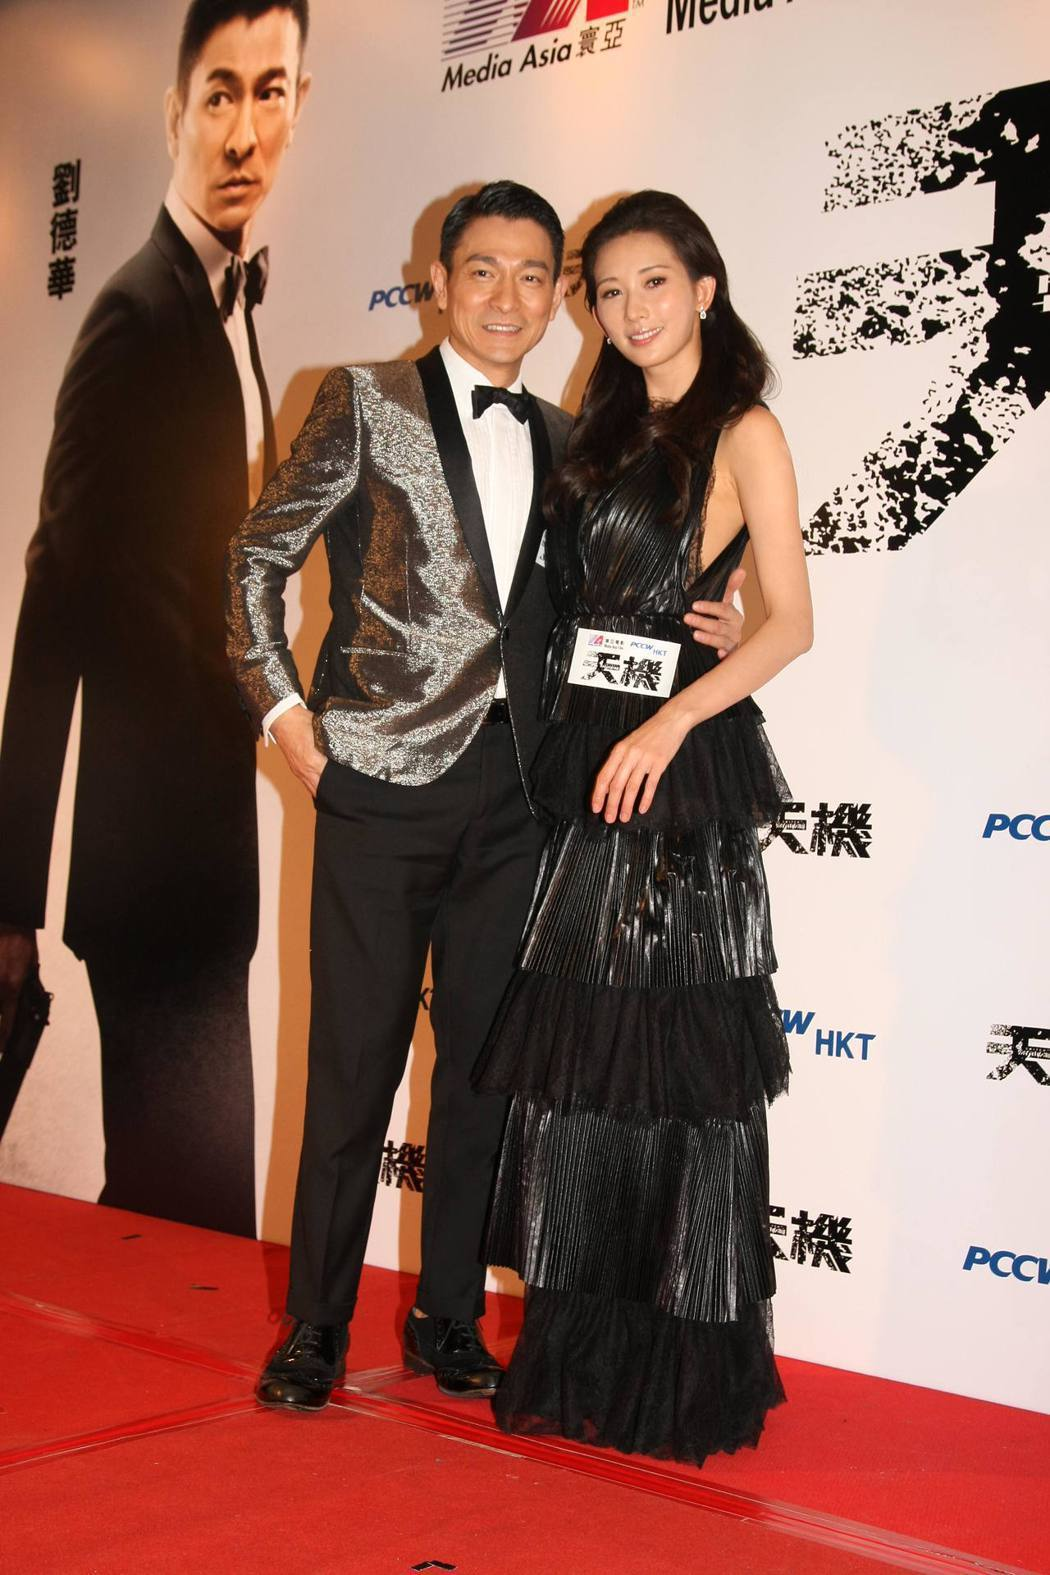 劉德華(左)與林志玲(右)。 圖/達志